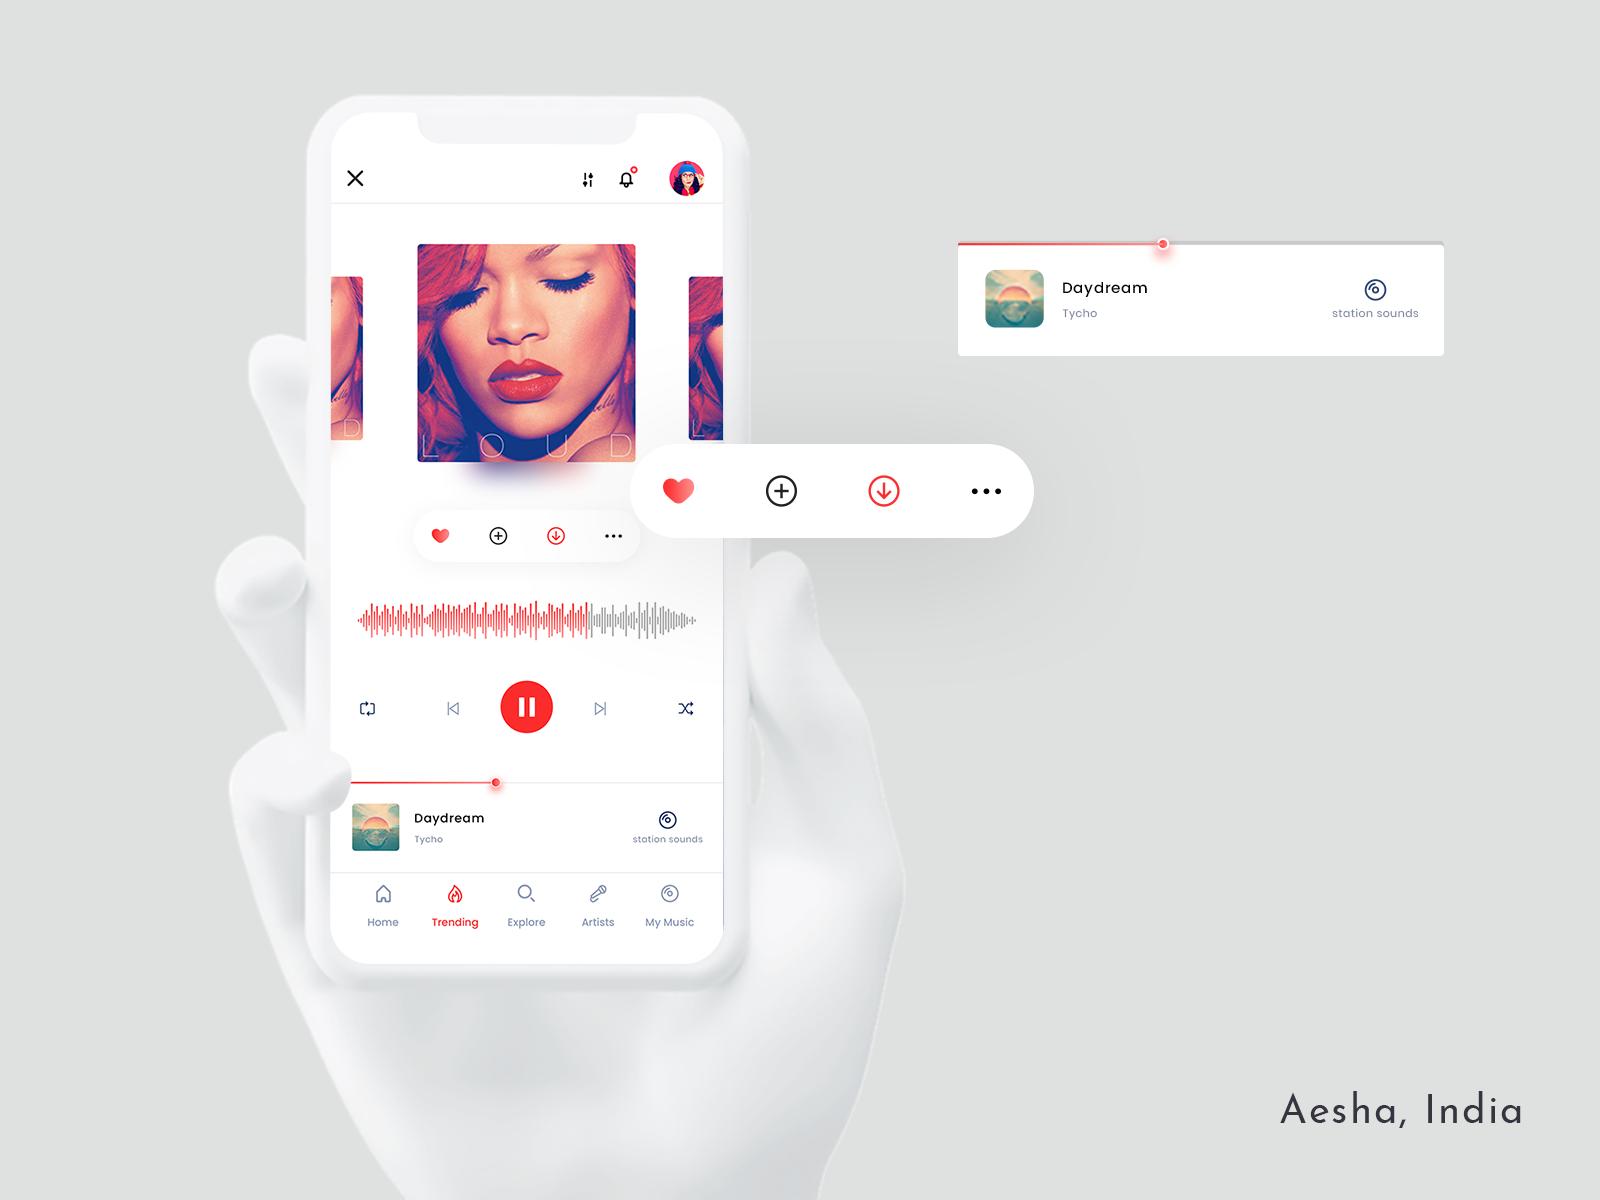 音乐播放器Music Player app ui 界面设计.psd素材下载 界面-第1张